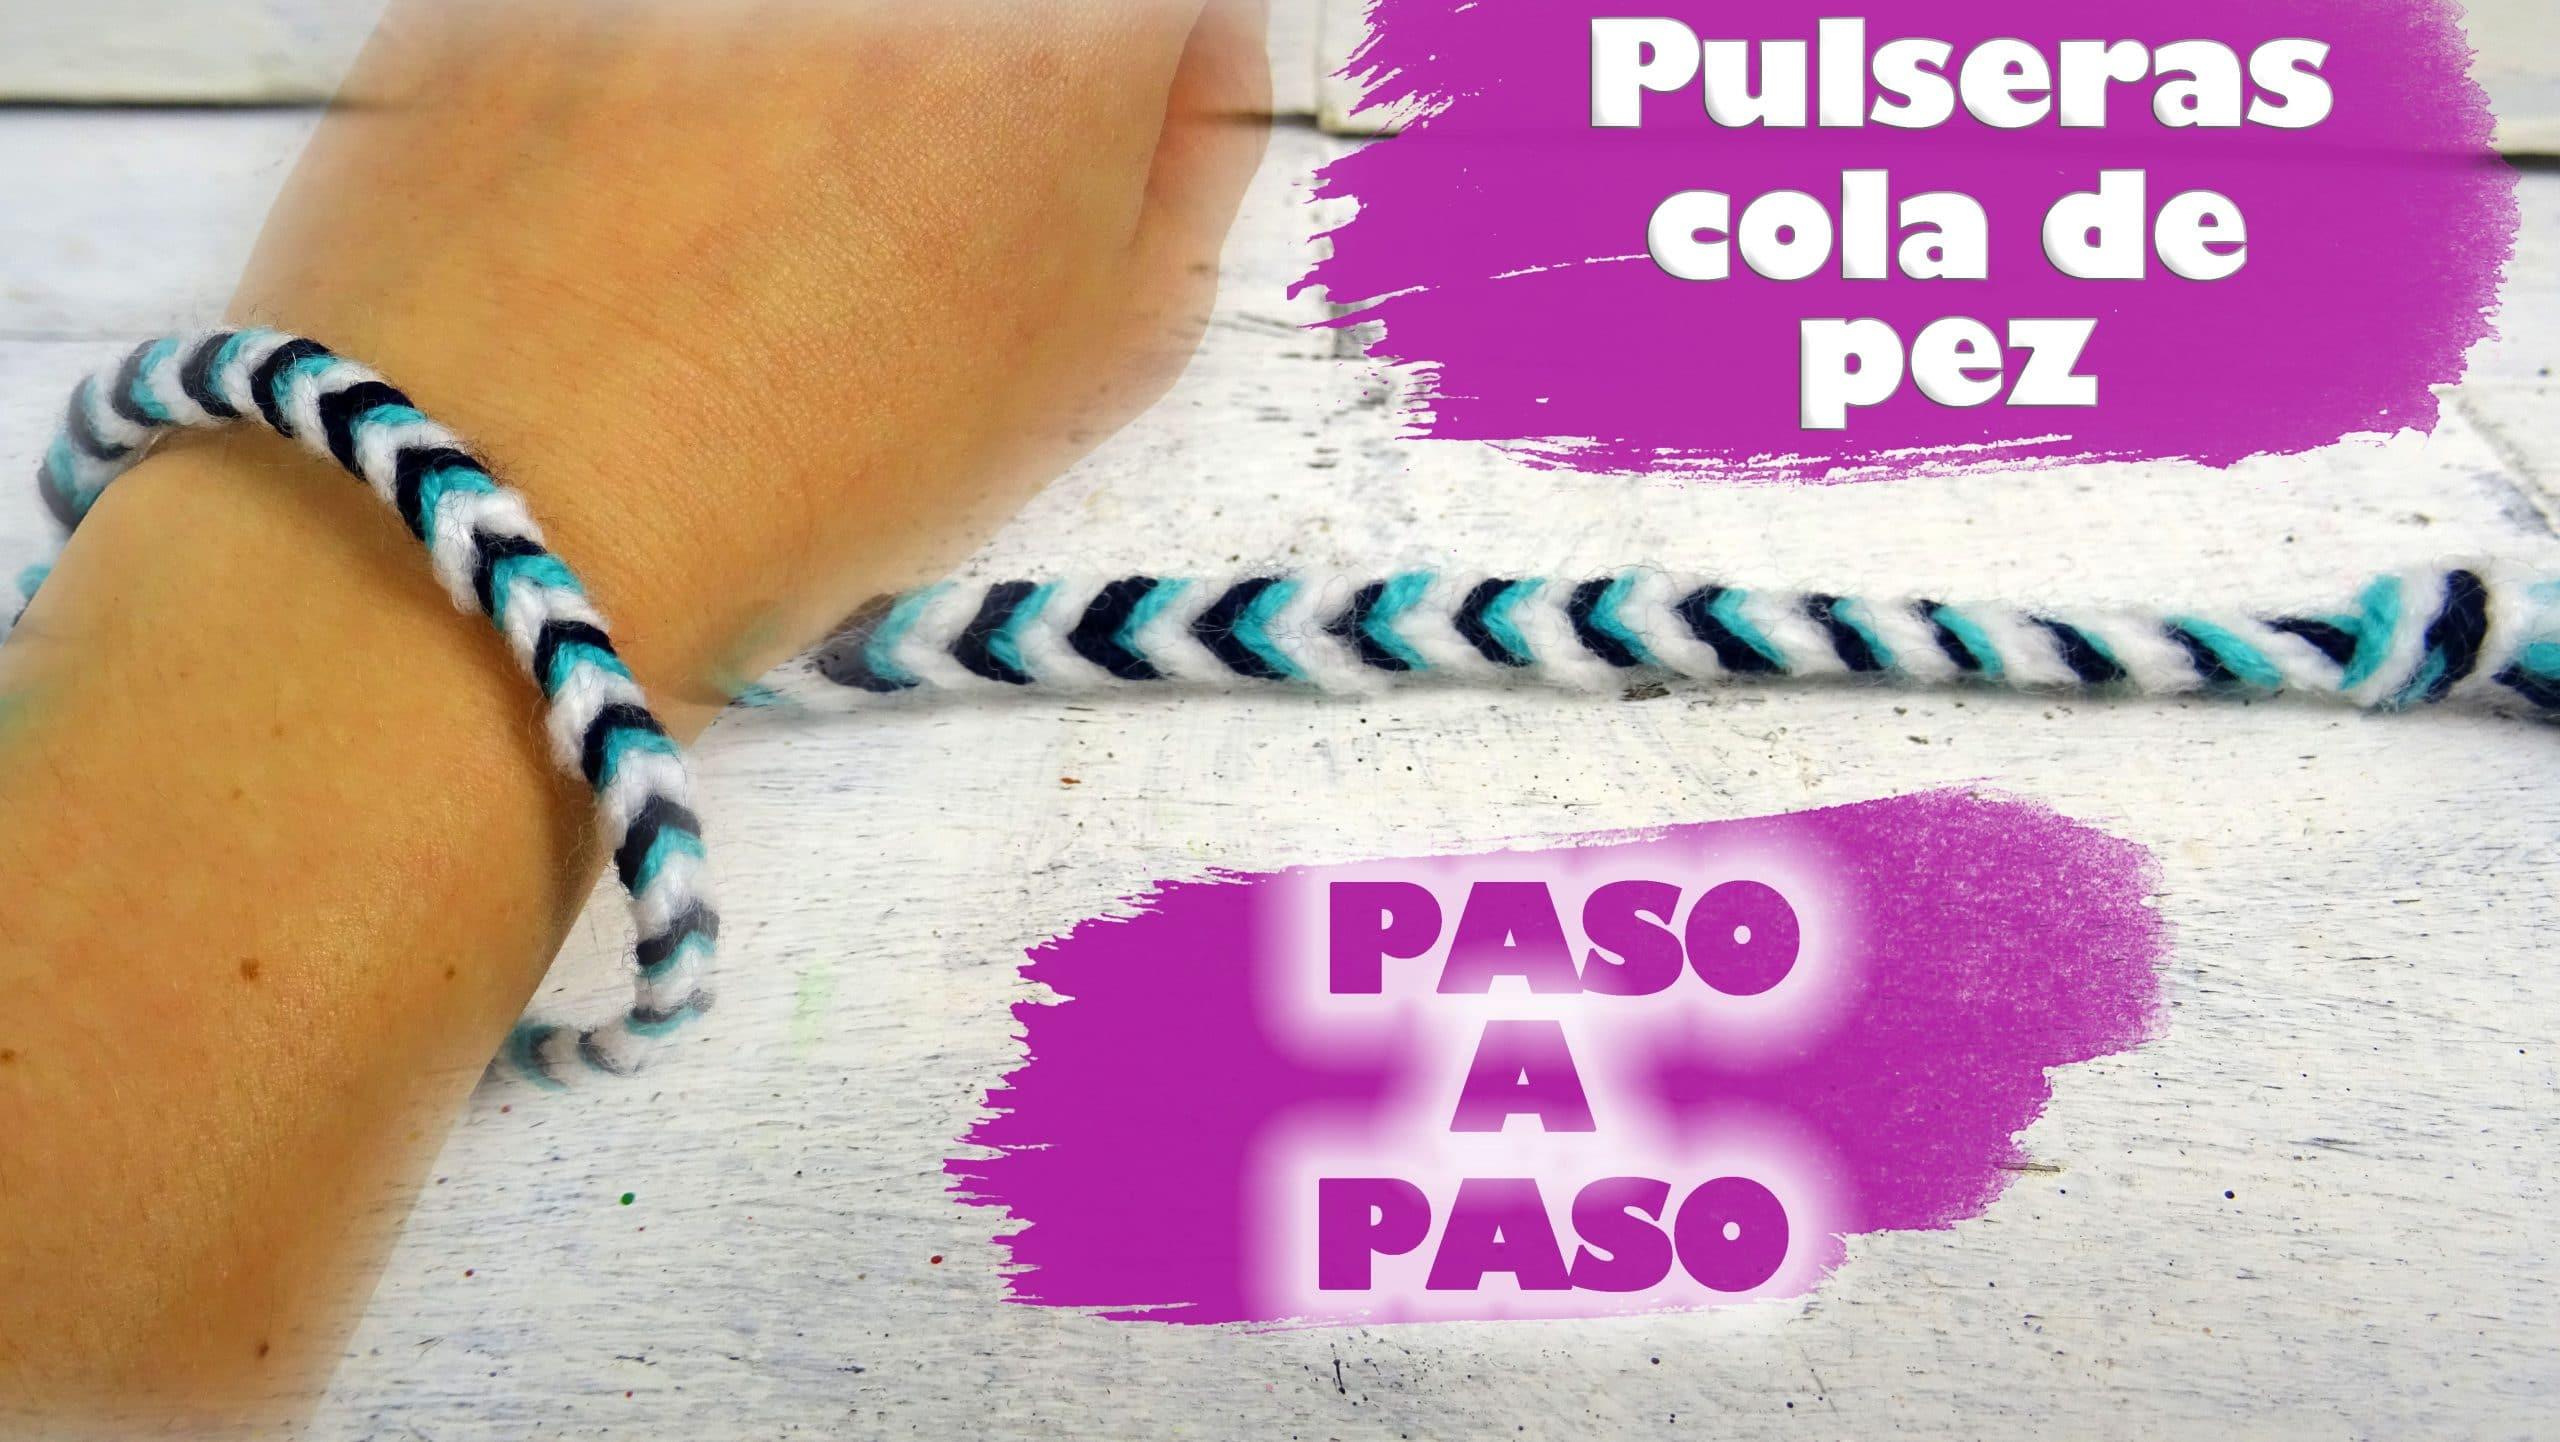 f9ddeafc3d7e CÓMO HACER UNA PULSERA DE COLA DE PEZ O COLA DE SIRENA